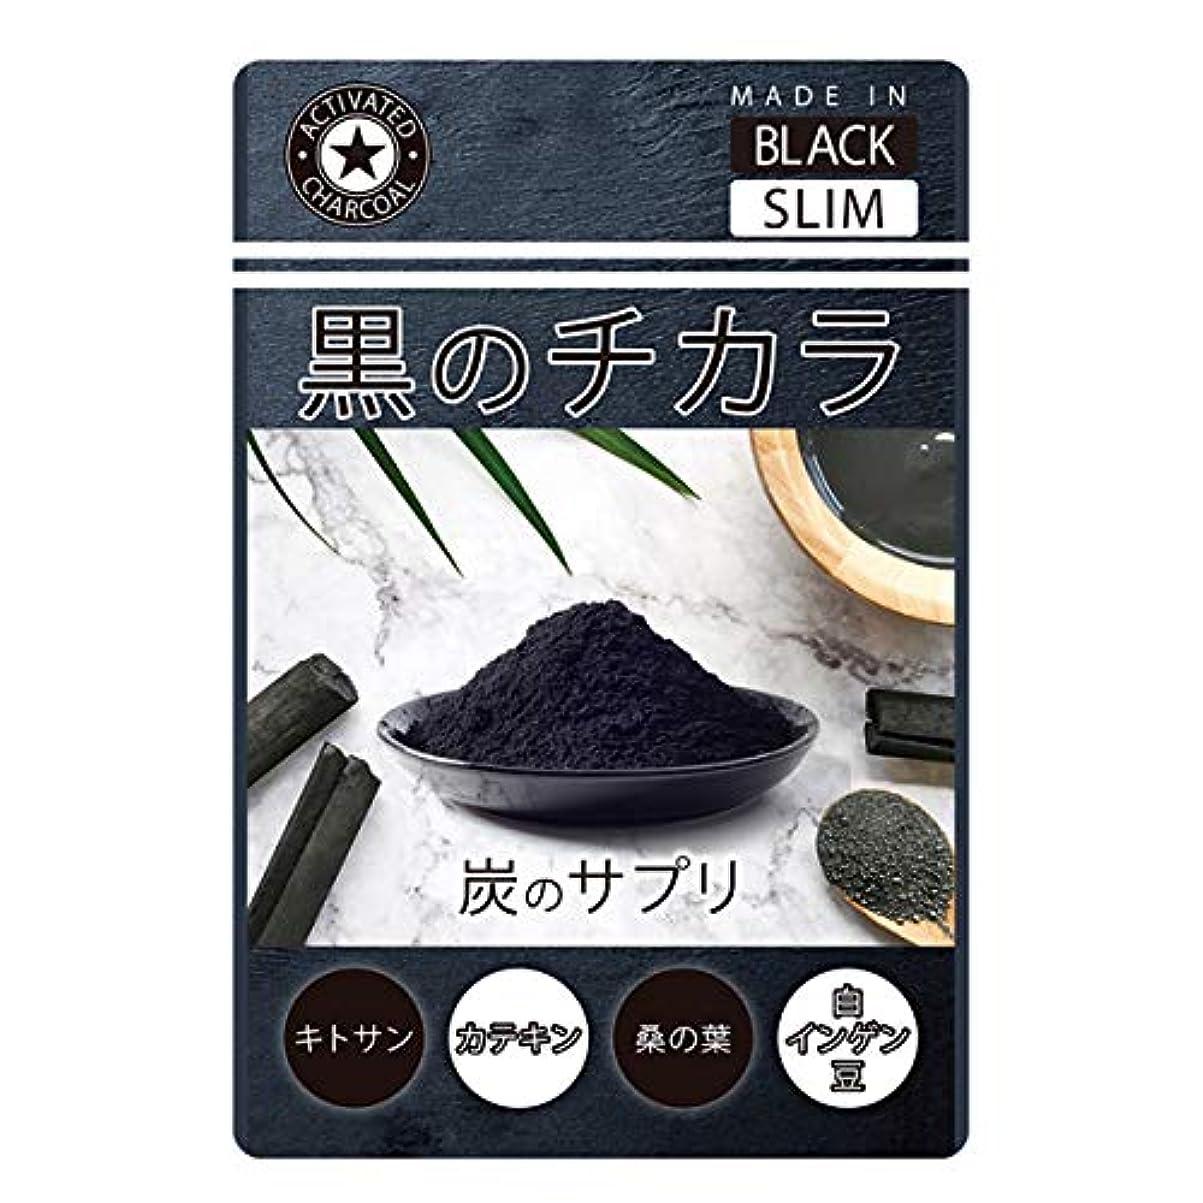 複雑なバッチ抽象活性炭サプリ 黒のチカラ チャコールダイエット 炭ダイエット 活性炭DIET 炭のチカラ ダイエット サプリメント 炭サプリメント【約3ヶ月分】